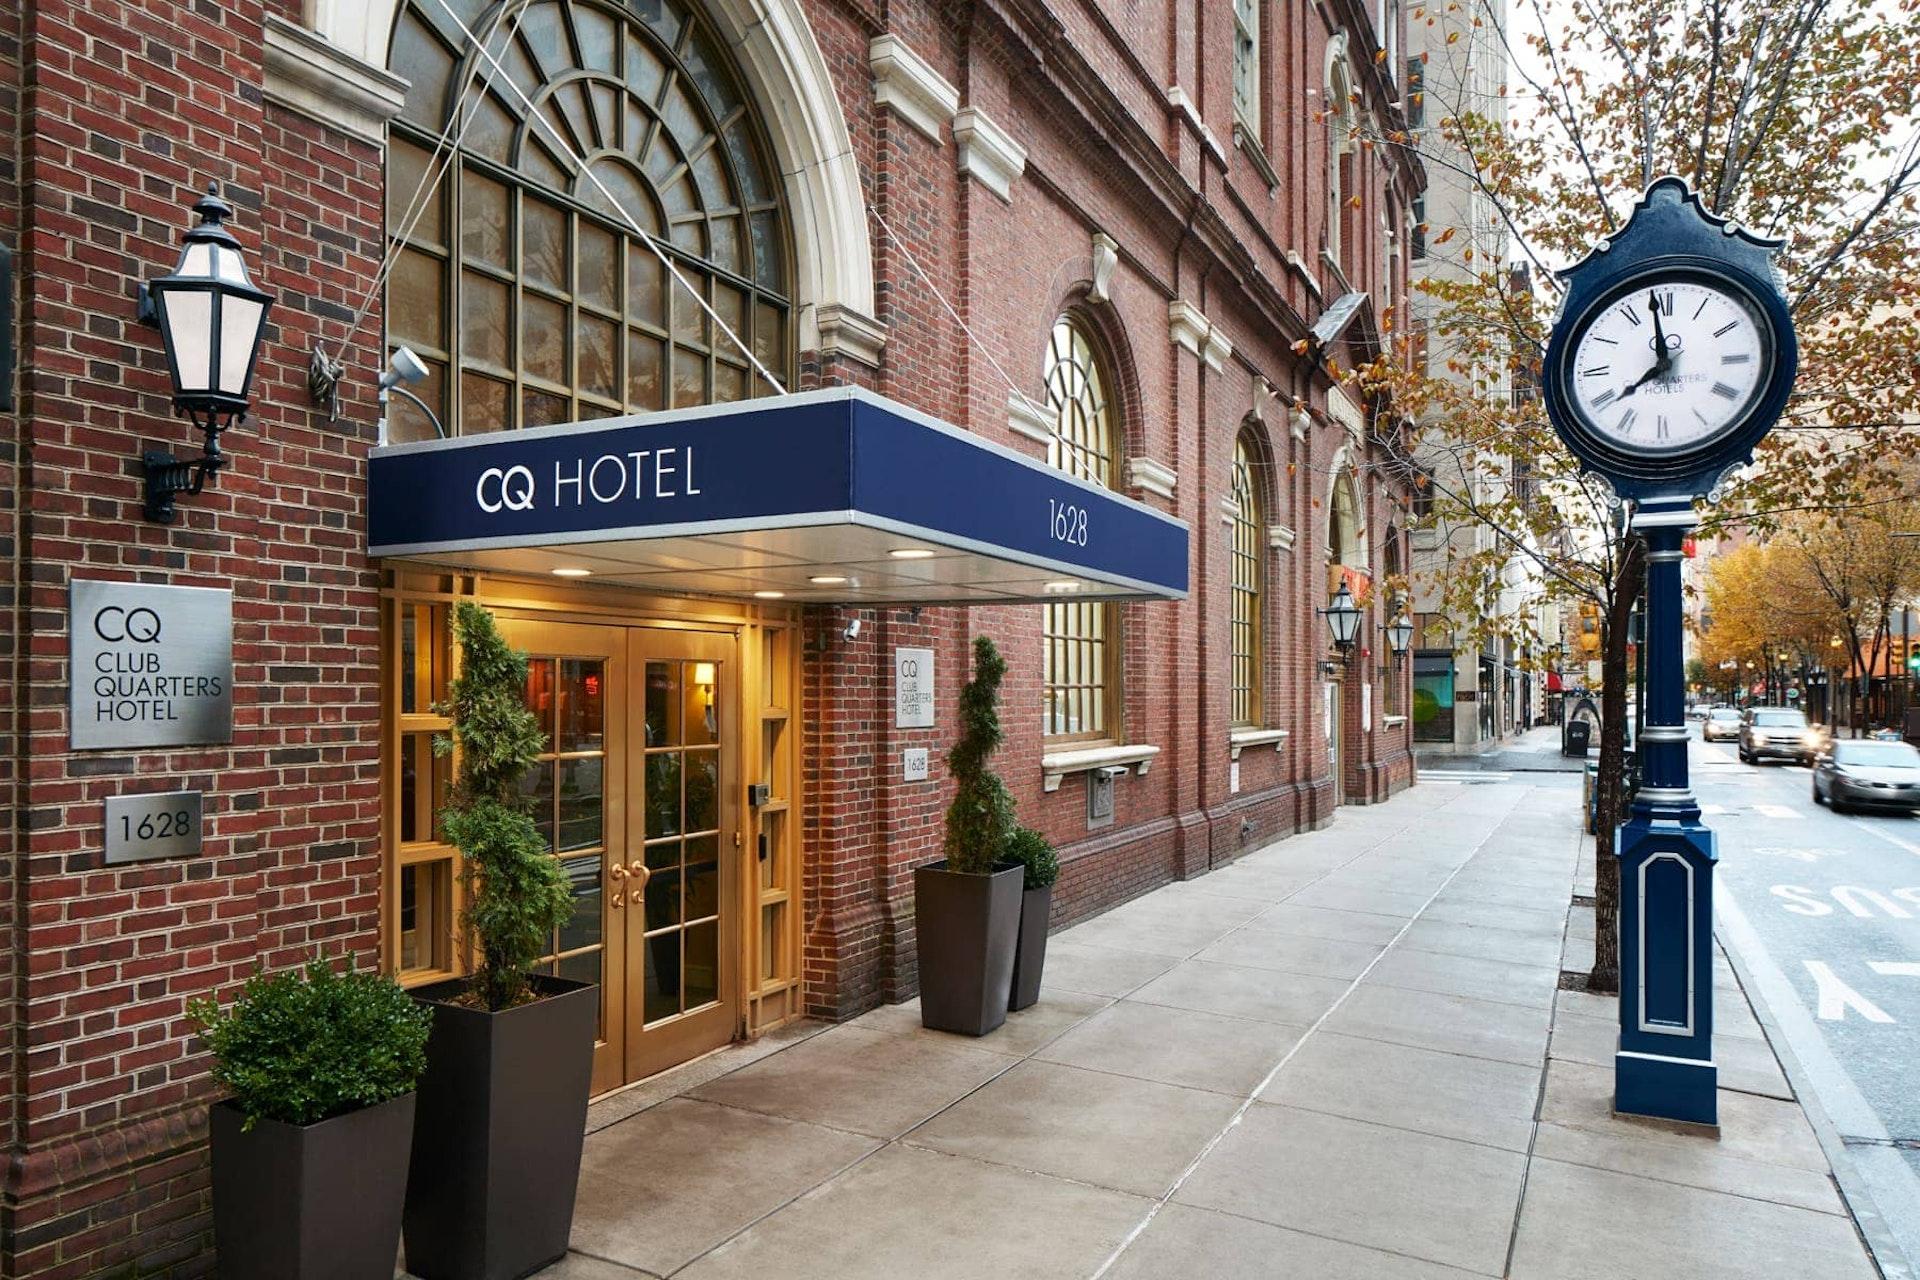 Exterior of CQ Hotel, Rittenhouse Square, Philadelphia